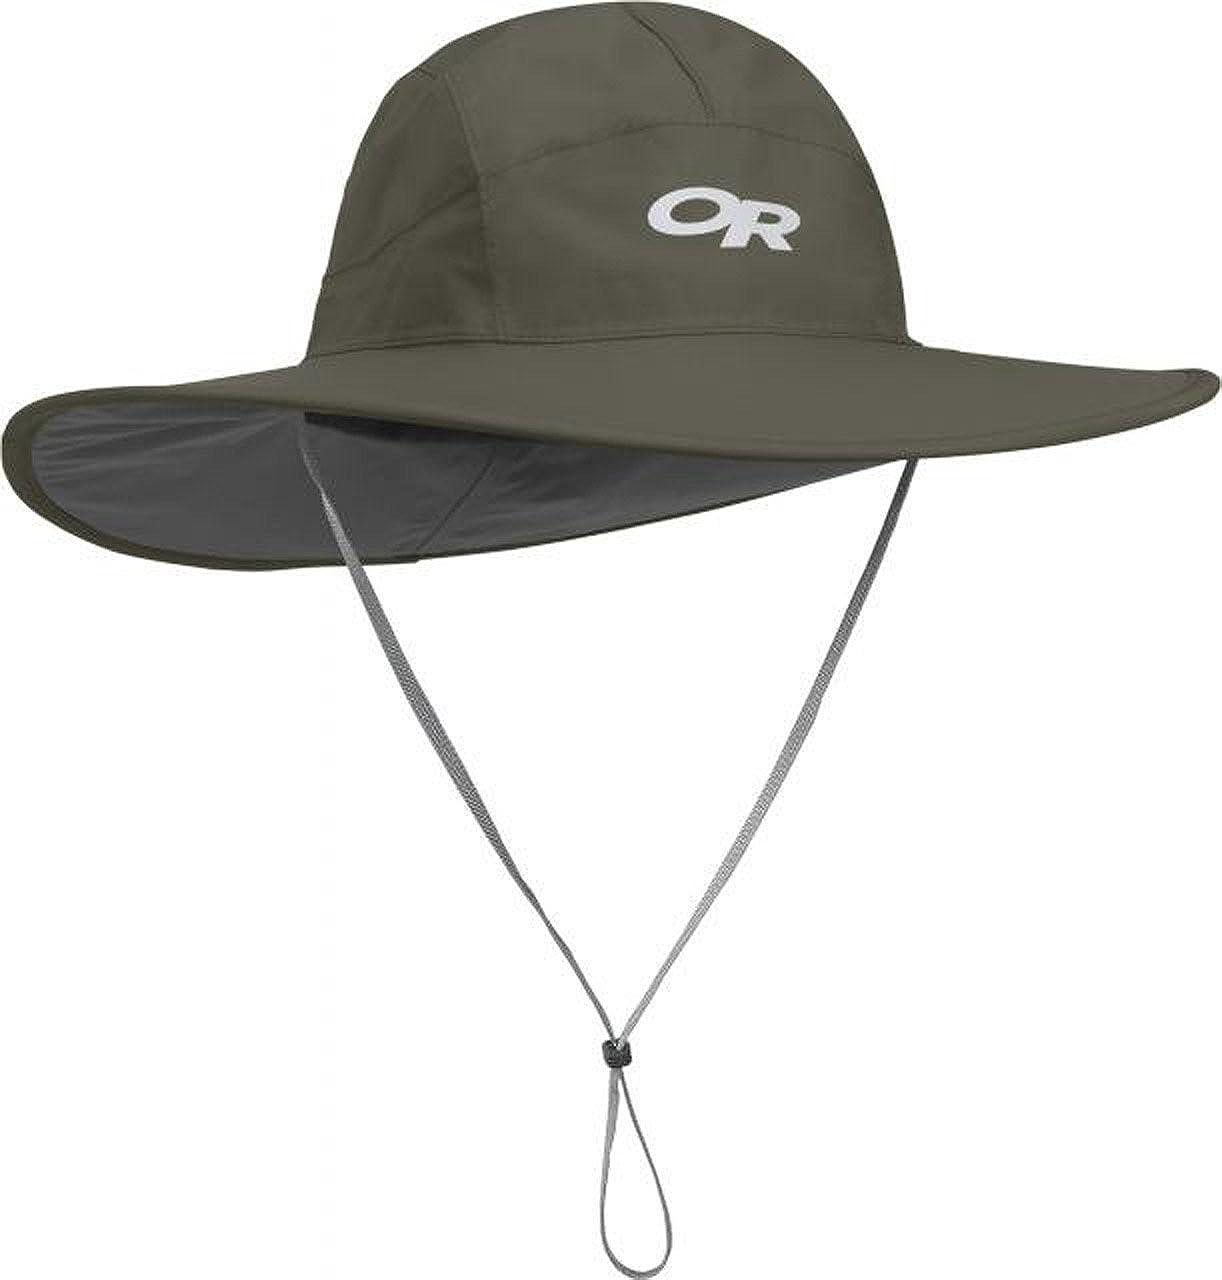 Outdoor Research Coastal Sombrero Rain Hat